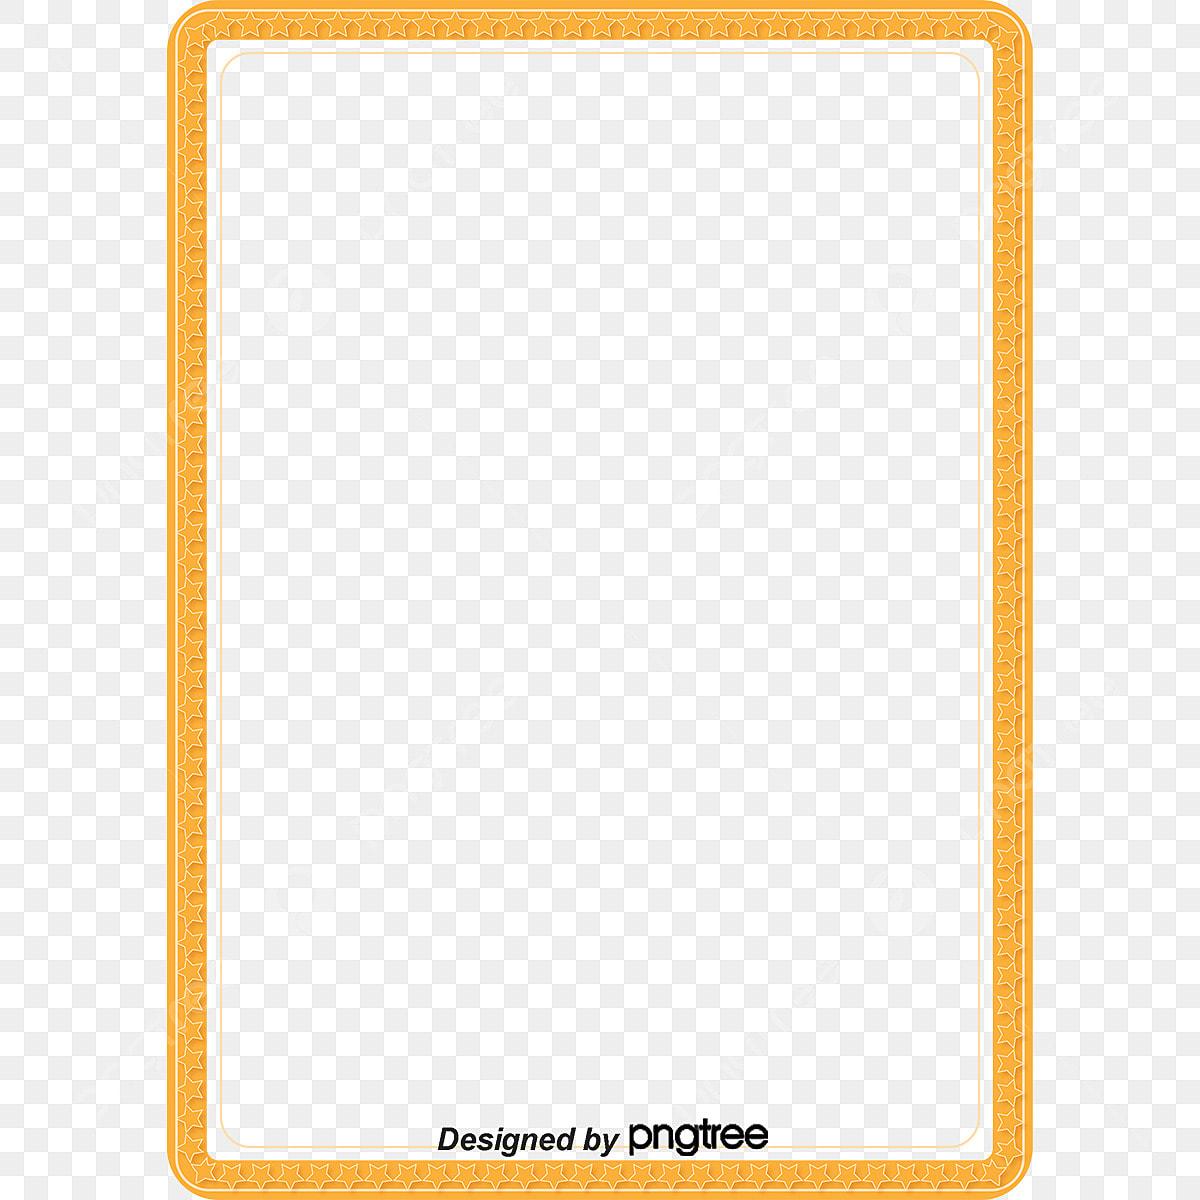 إطار أصفر مربع النص فريم فريم Png وملف Psd للتحميل مجانا